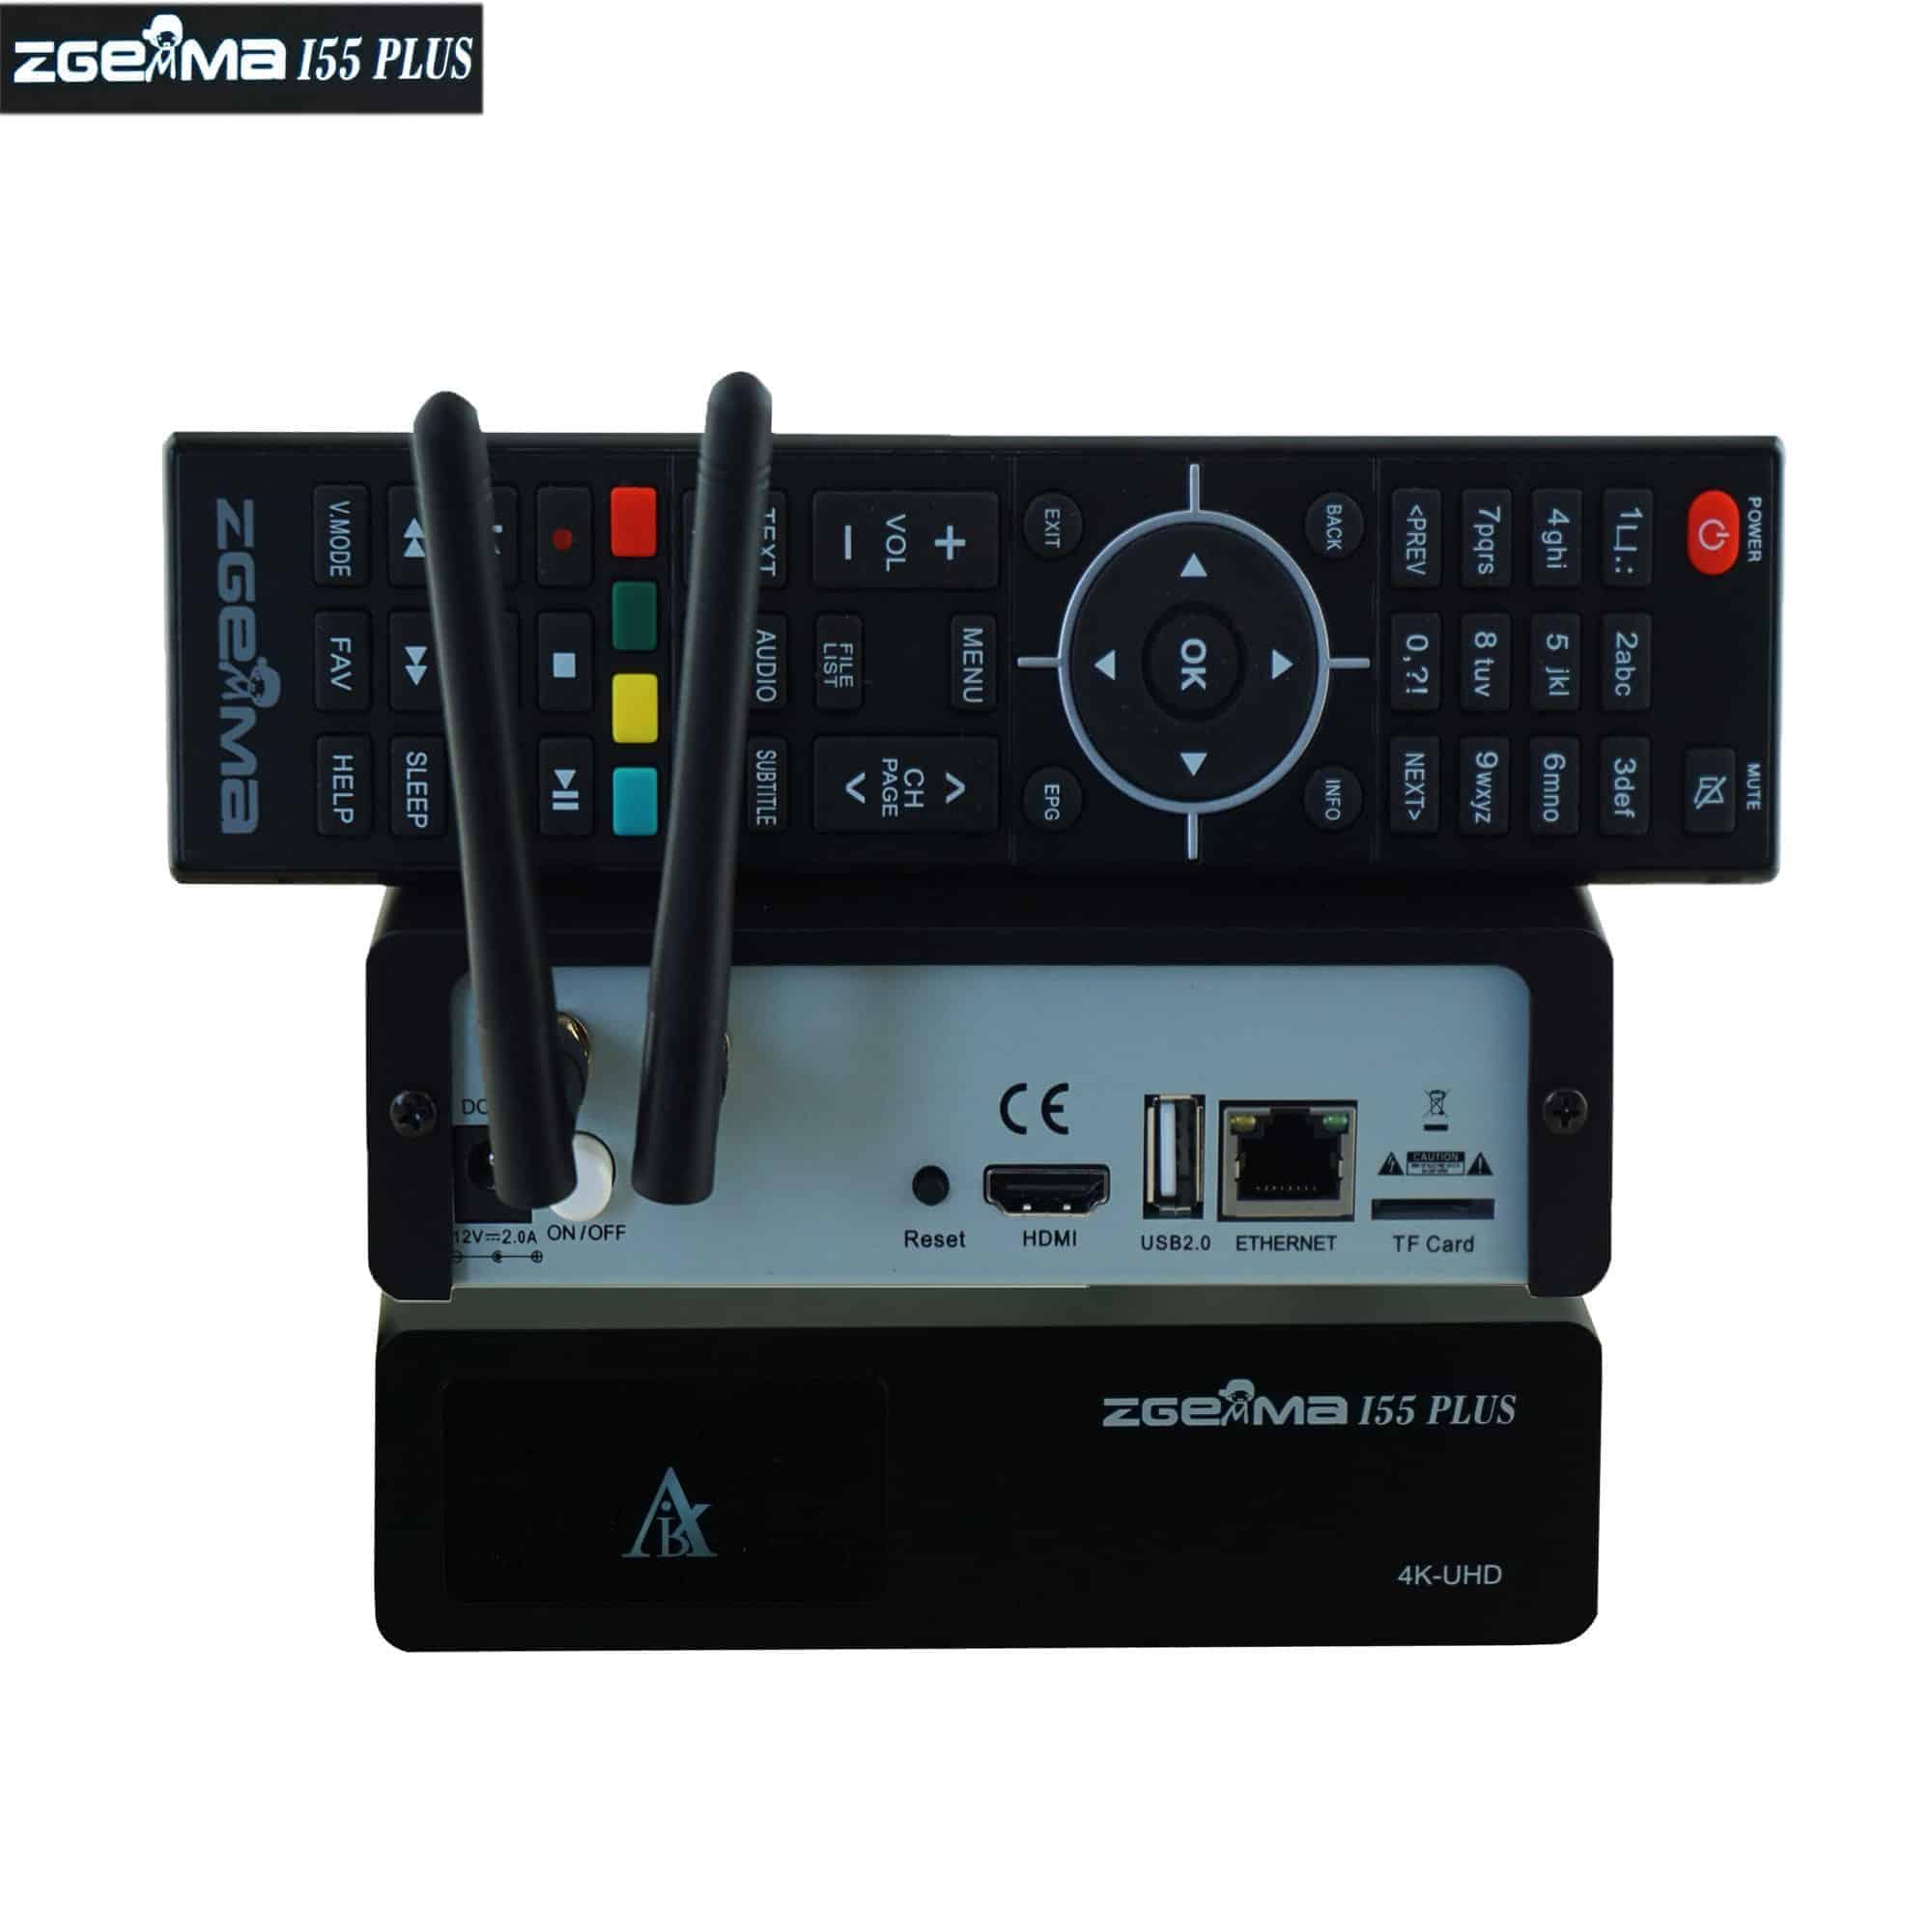 Zgemma i55 Plus IPTV Box   Full HD 1080P, Dual Core Linux OS E2